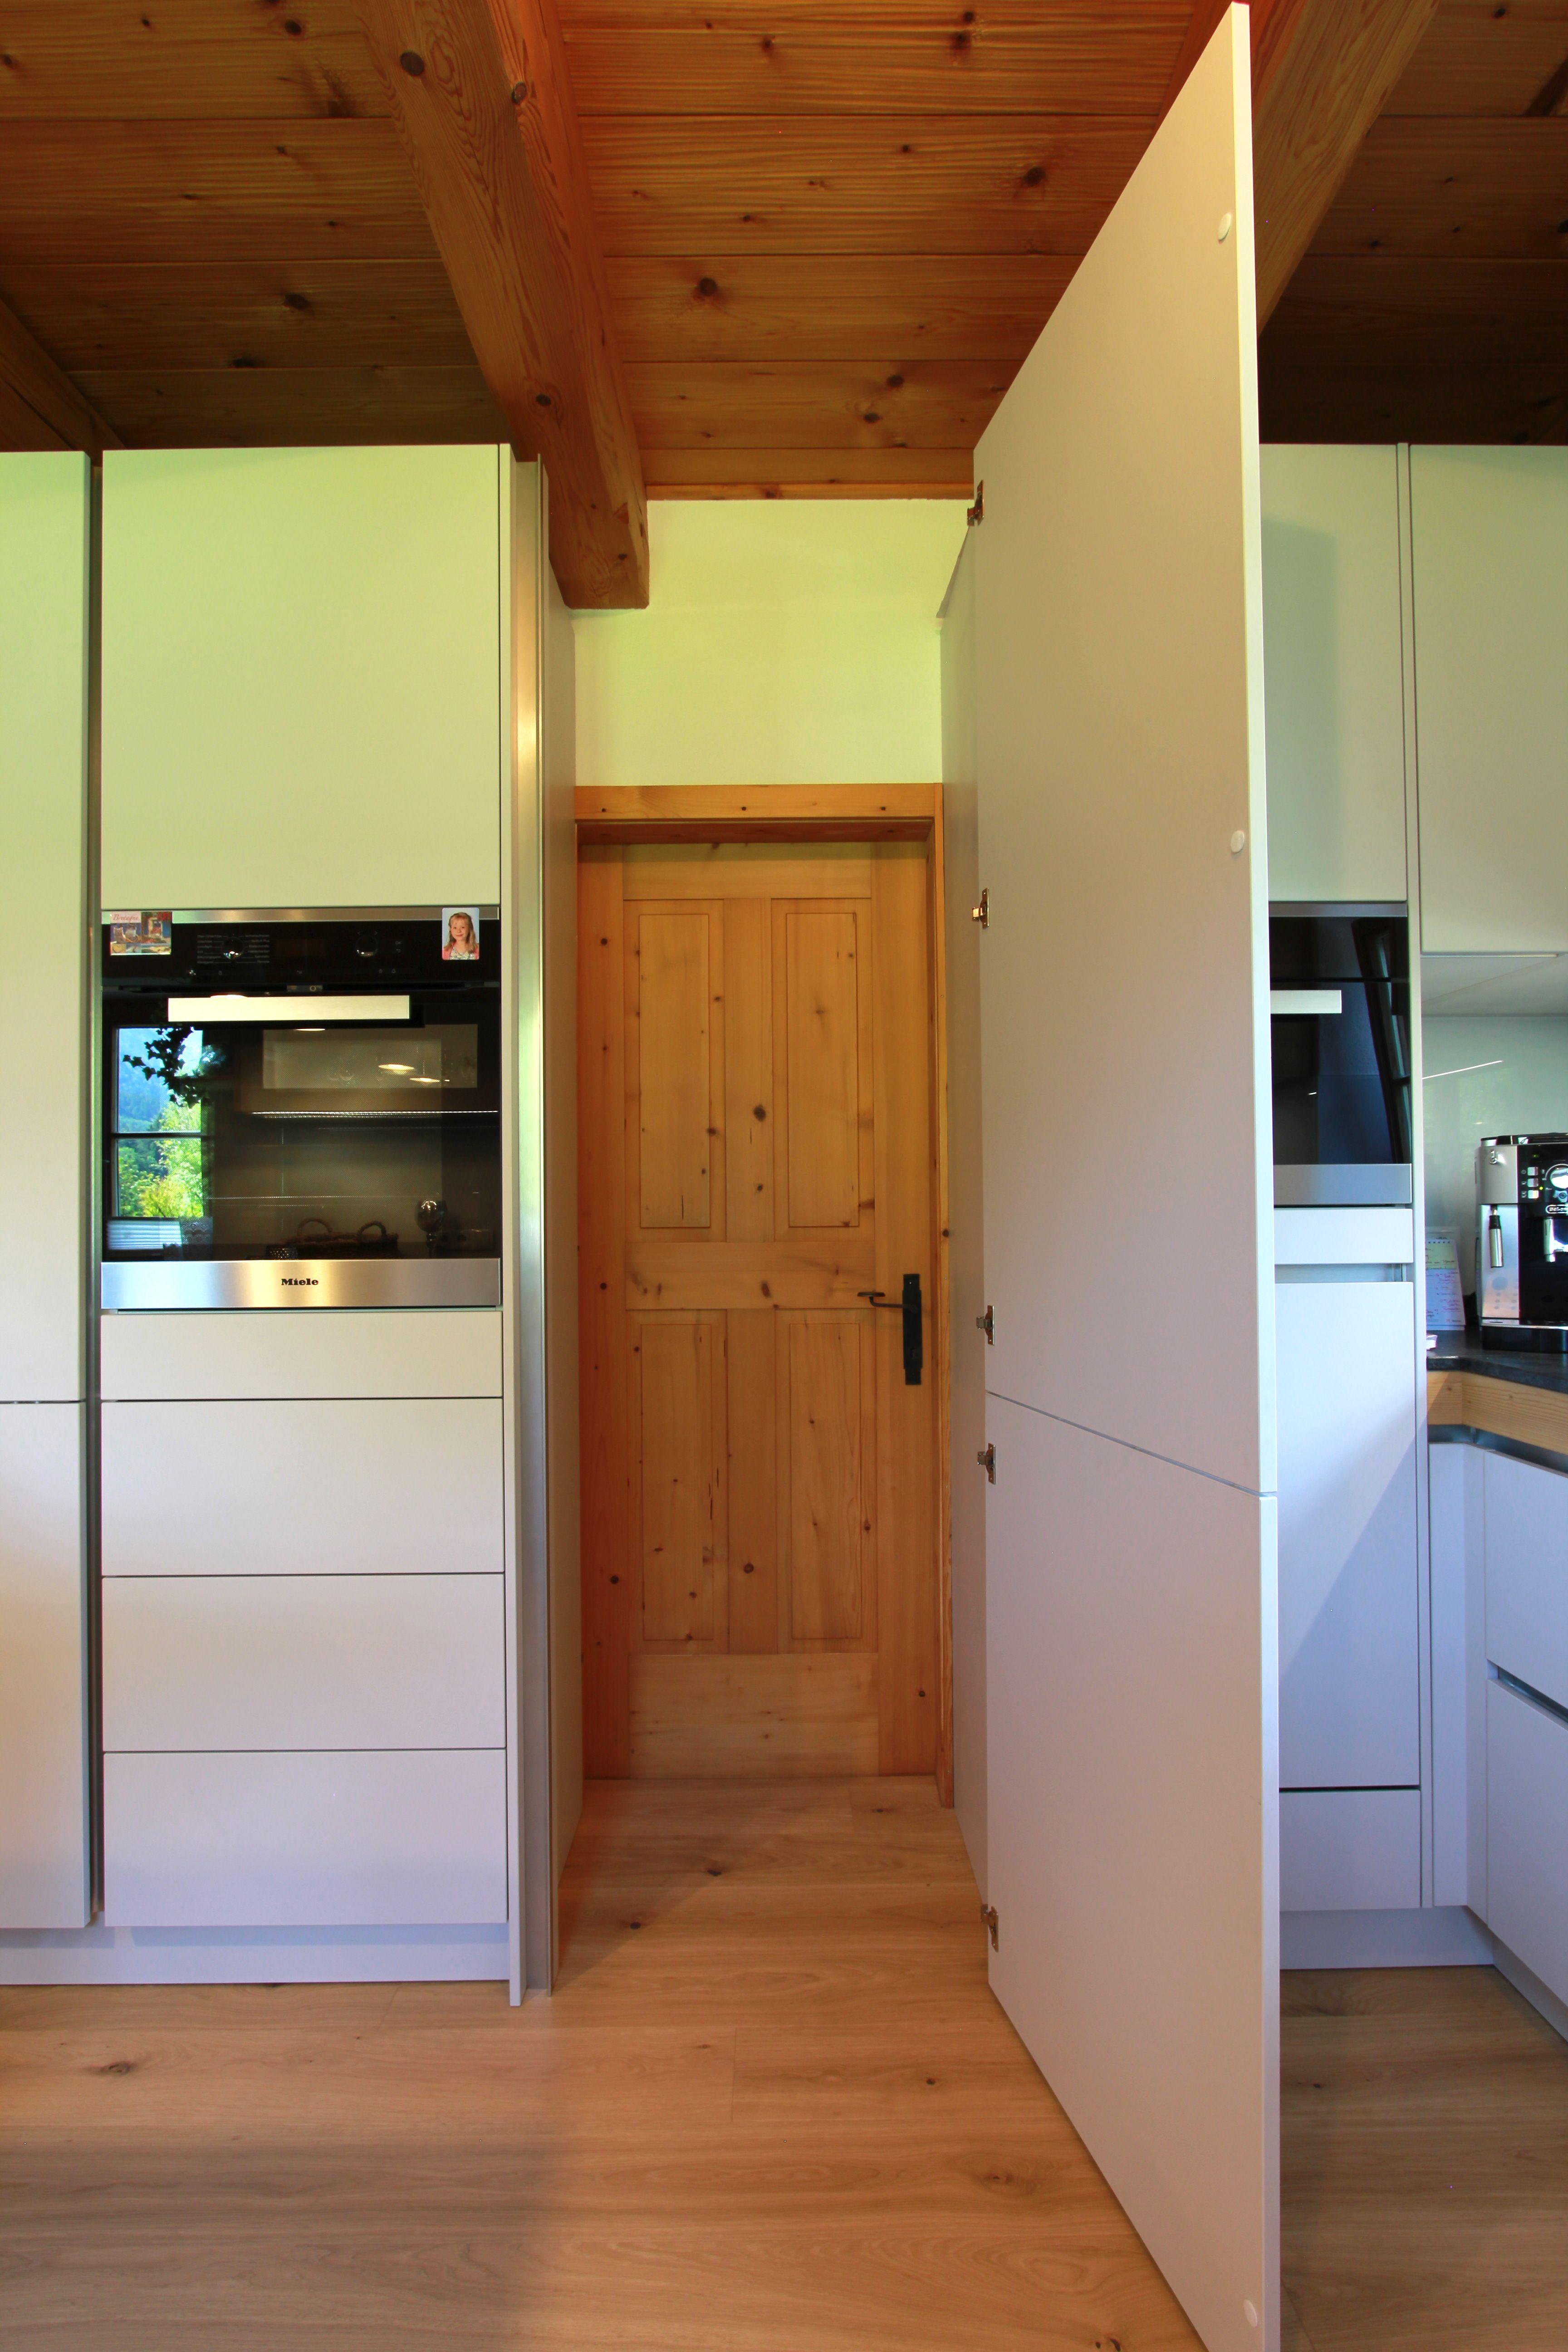 Verstecke Ture In Der Kuche Moderne Kuche Haus Gestalten Kuche